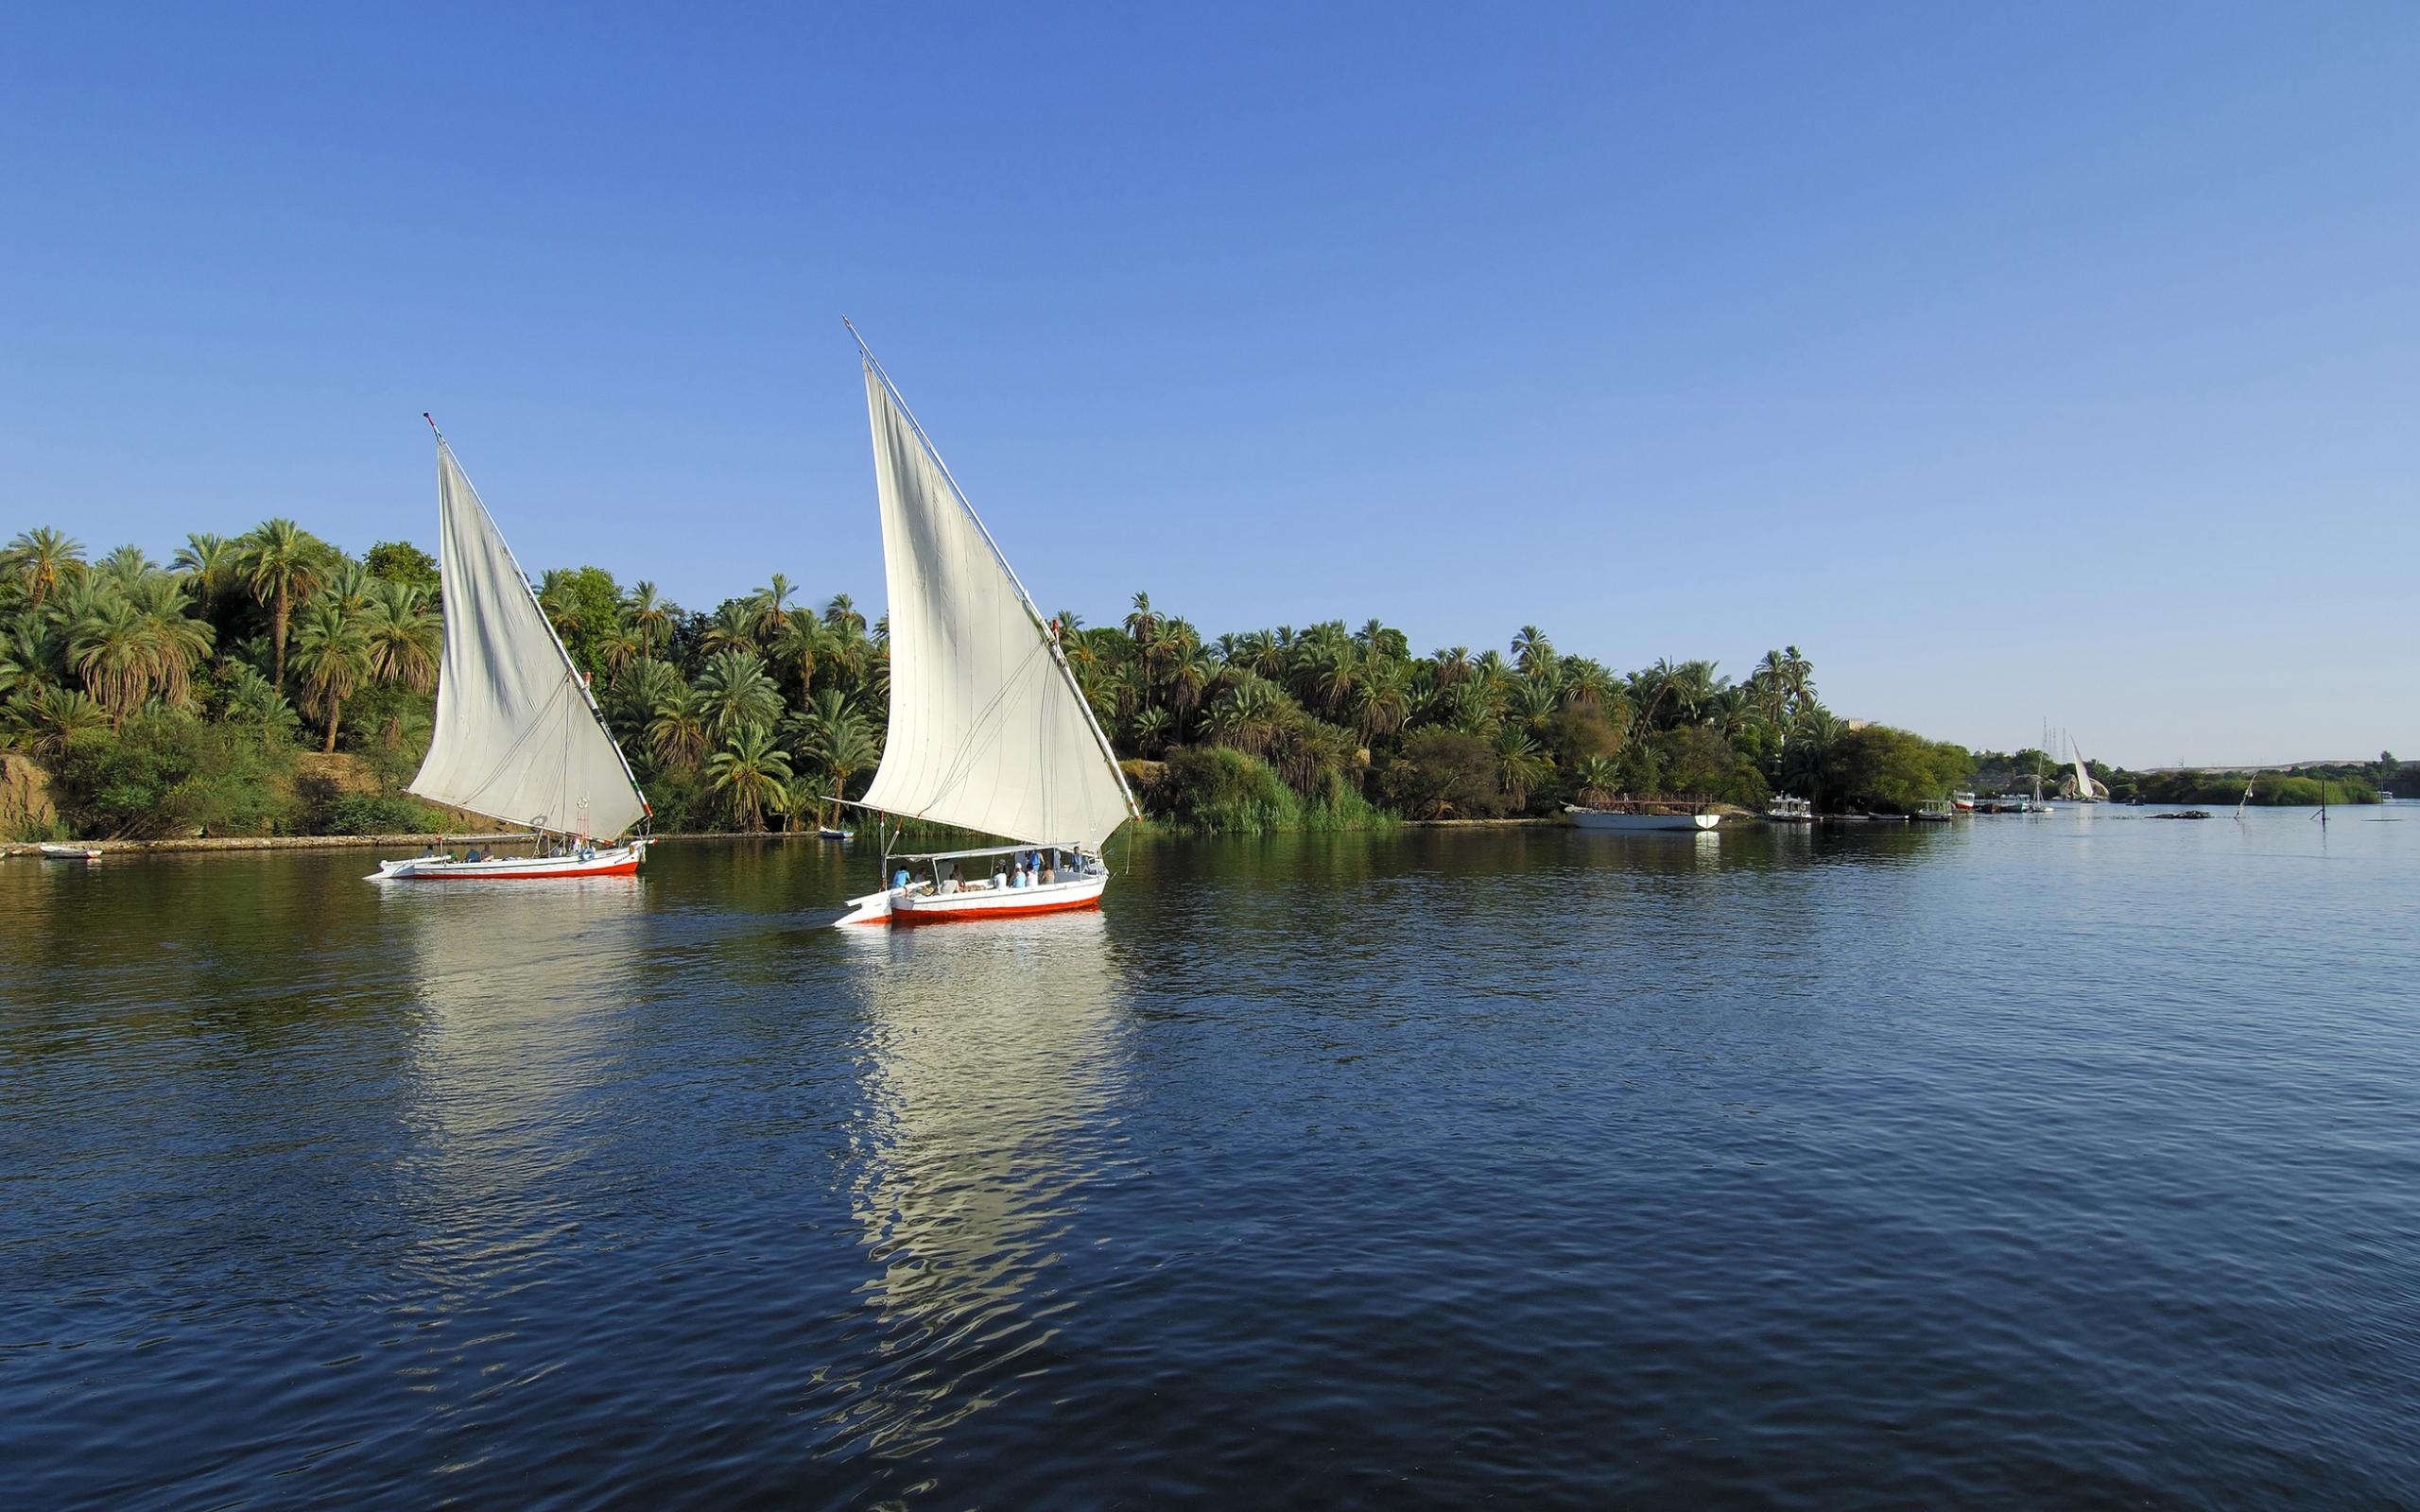 Фото экскурсия - Египет / Egypt.